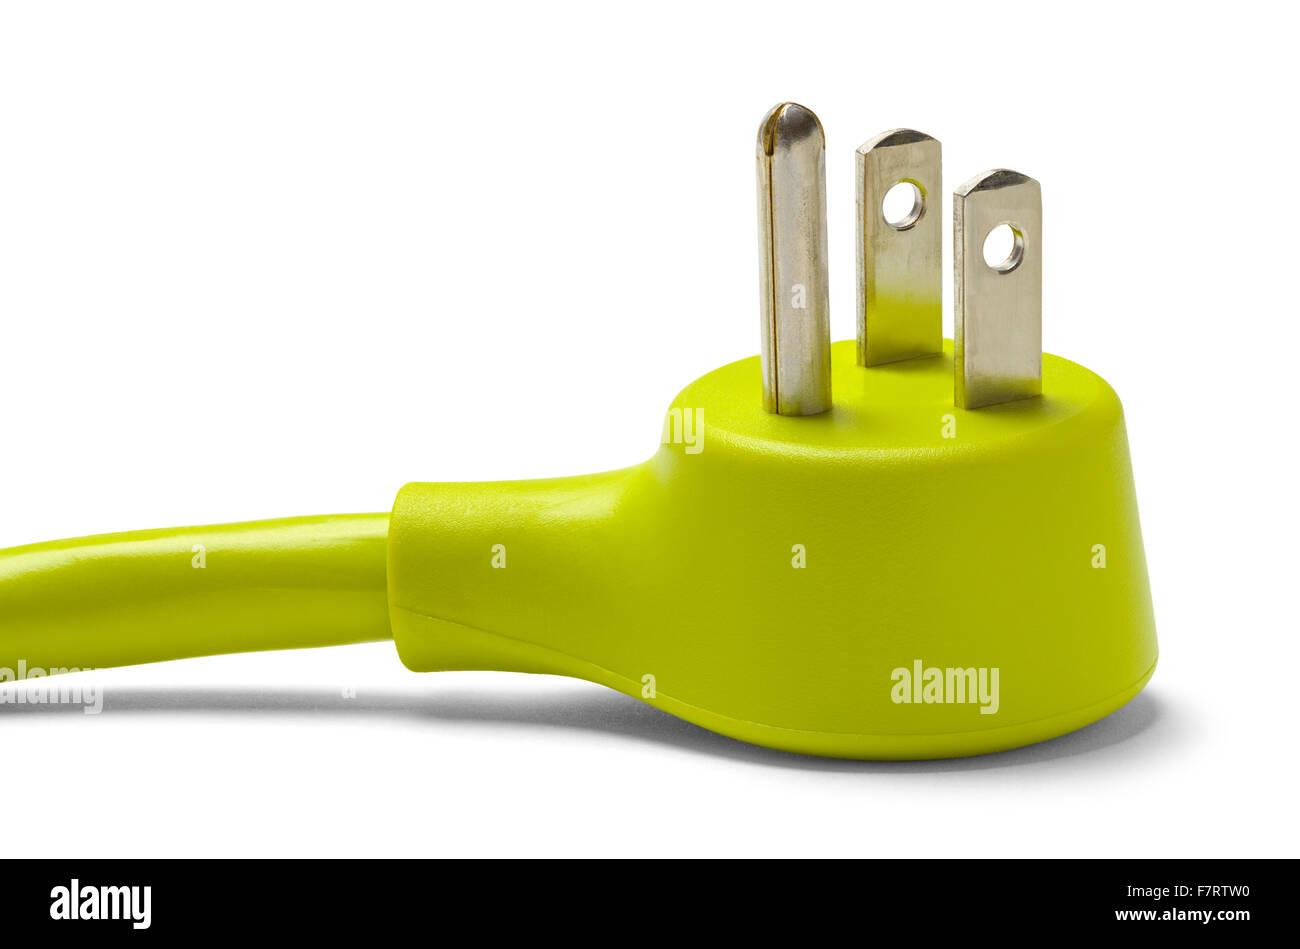 Grüne elektrische Kabelstecker, Isolated on White Background. Stockbild